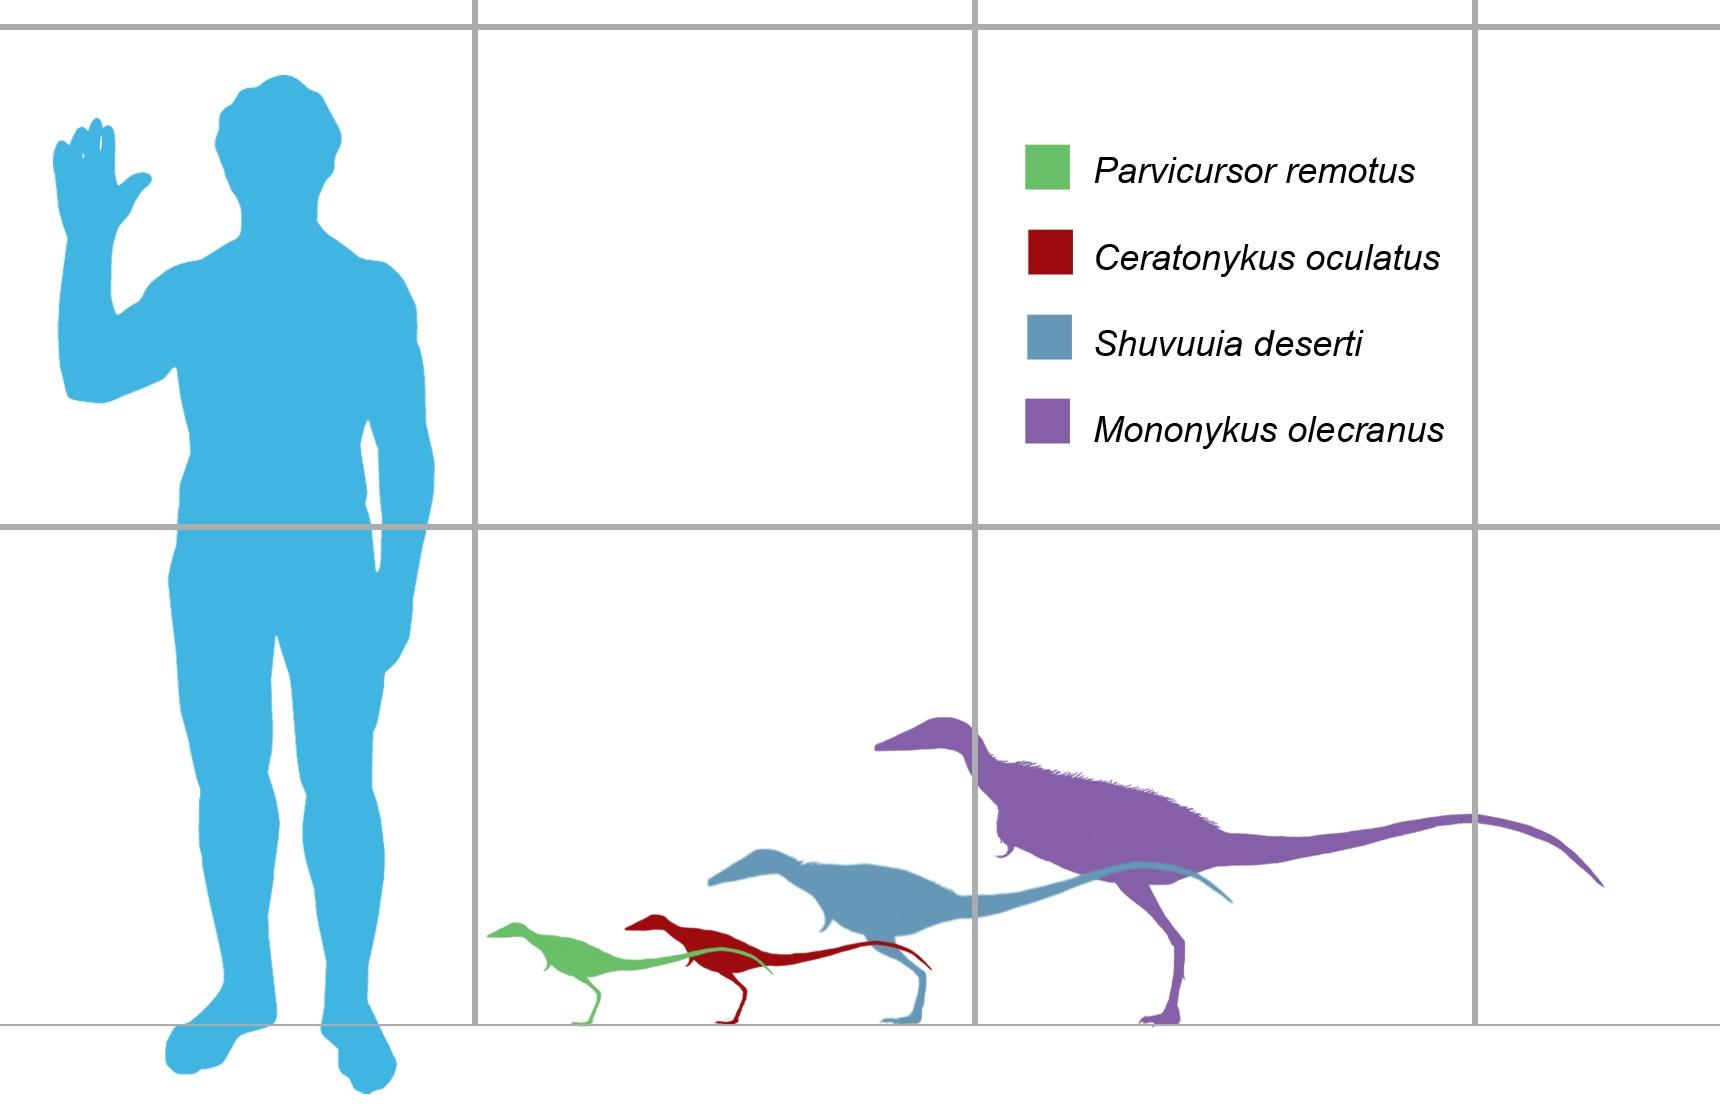 Сравнение размеров других альверозавридов с моноником